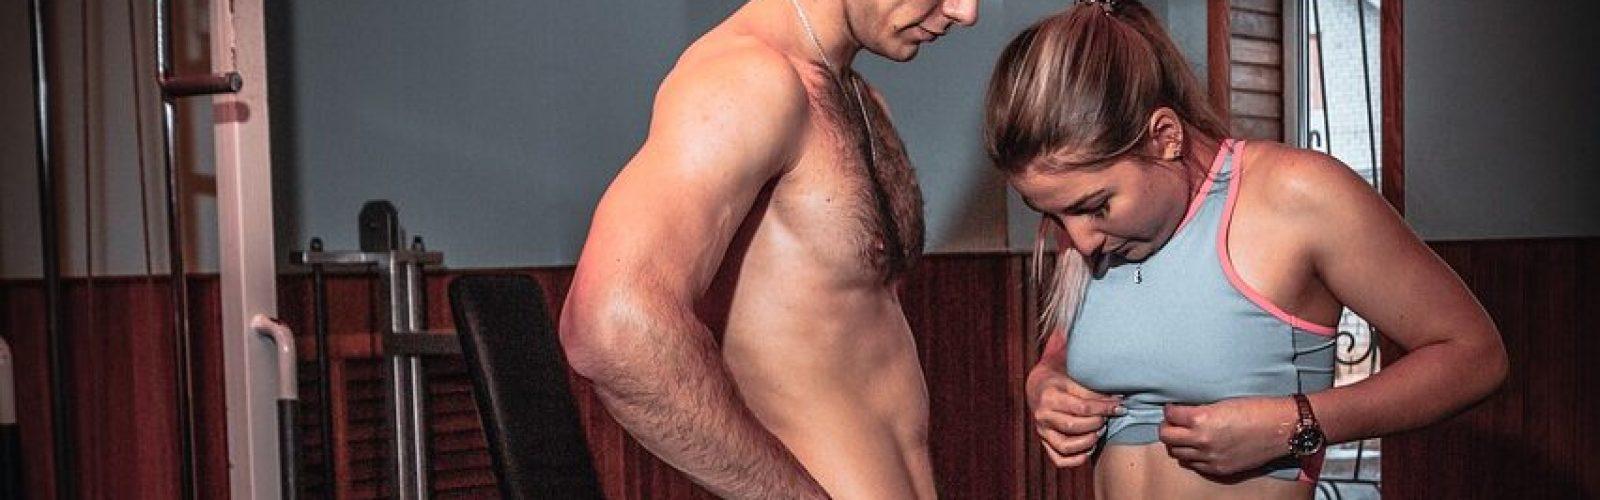 abdominales hombre y mujer